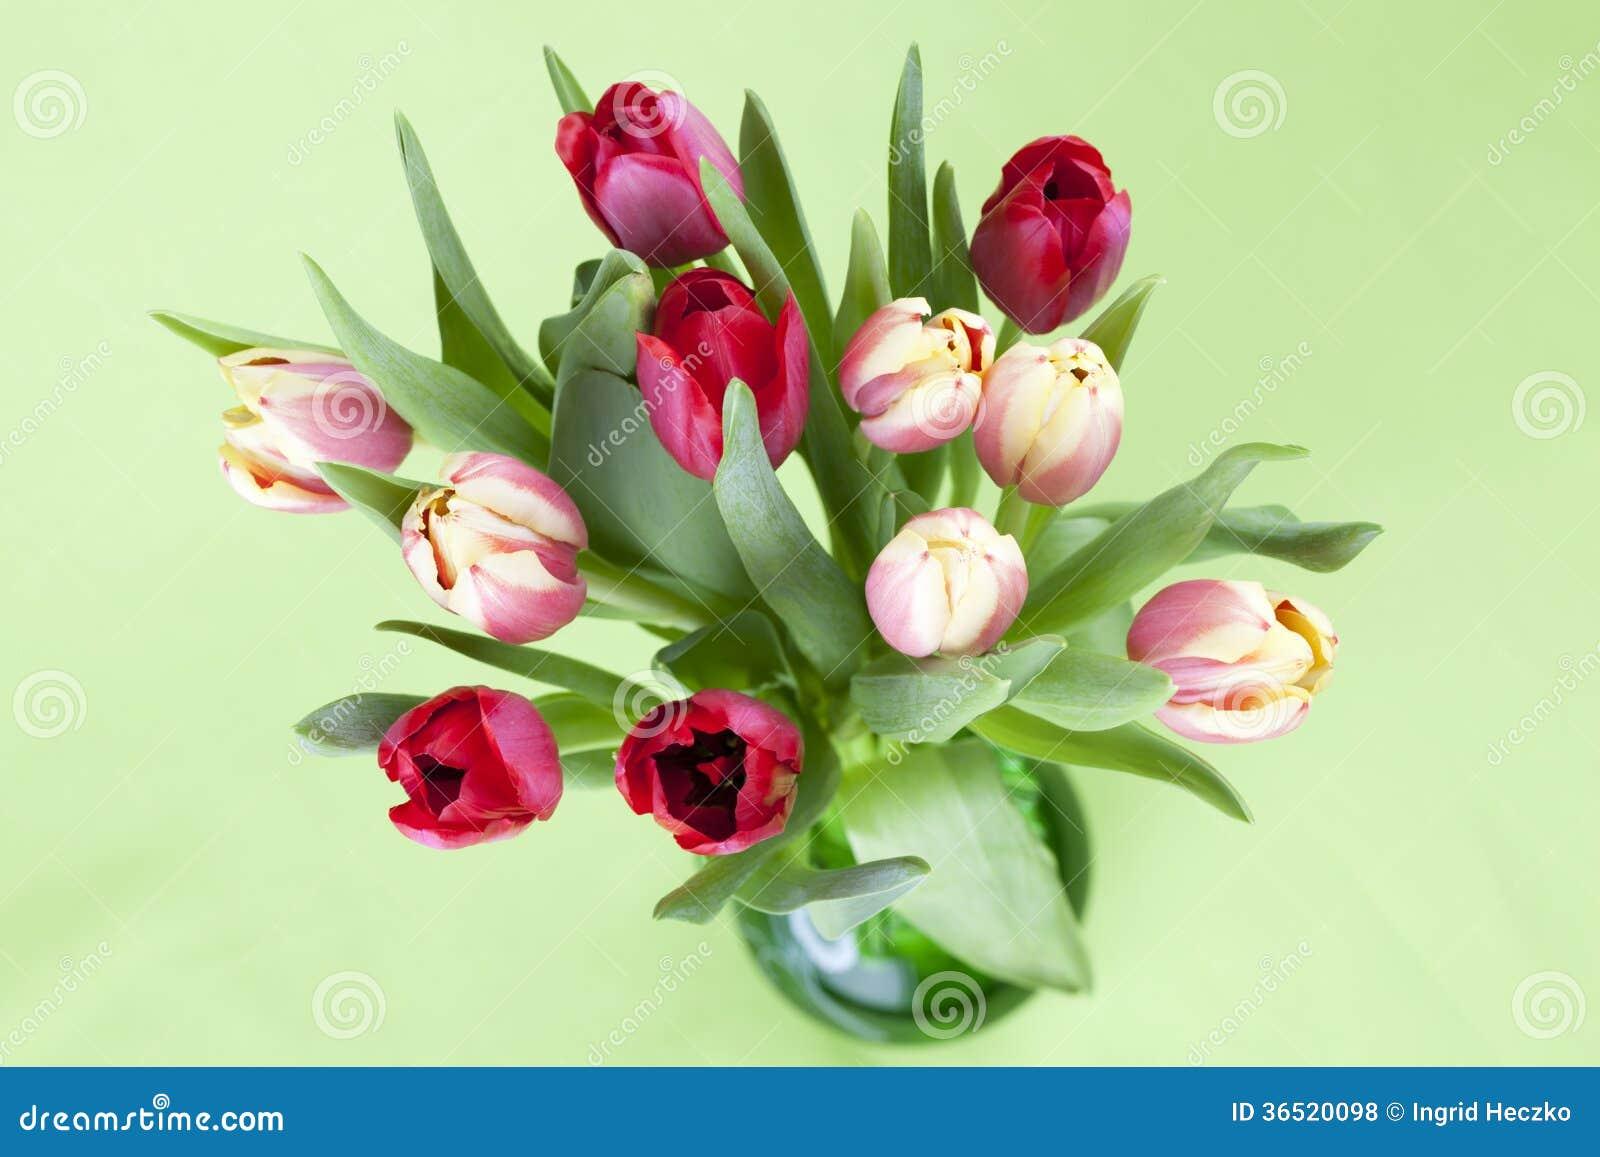 Tulipes rouges et jaunes dans un vase